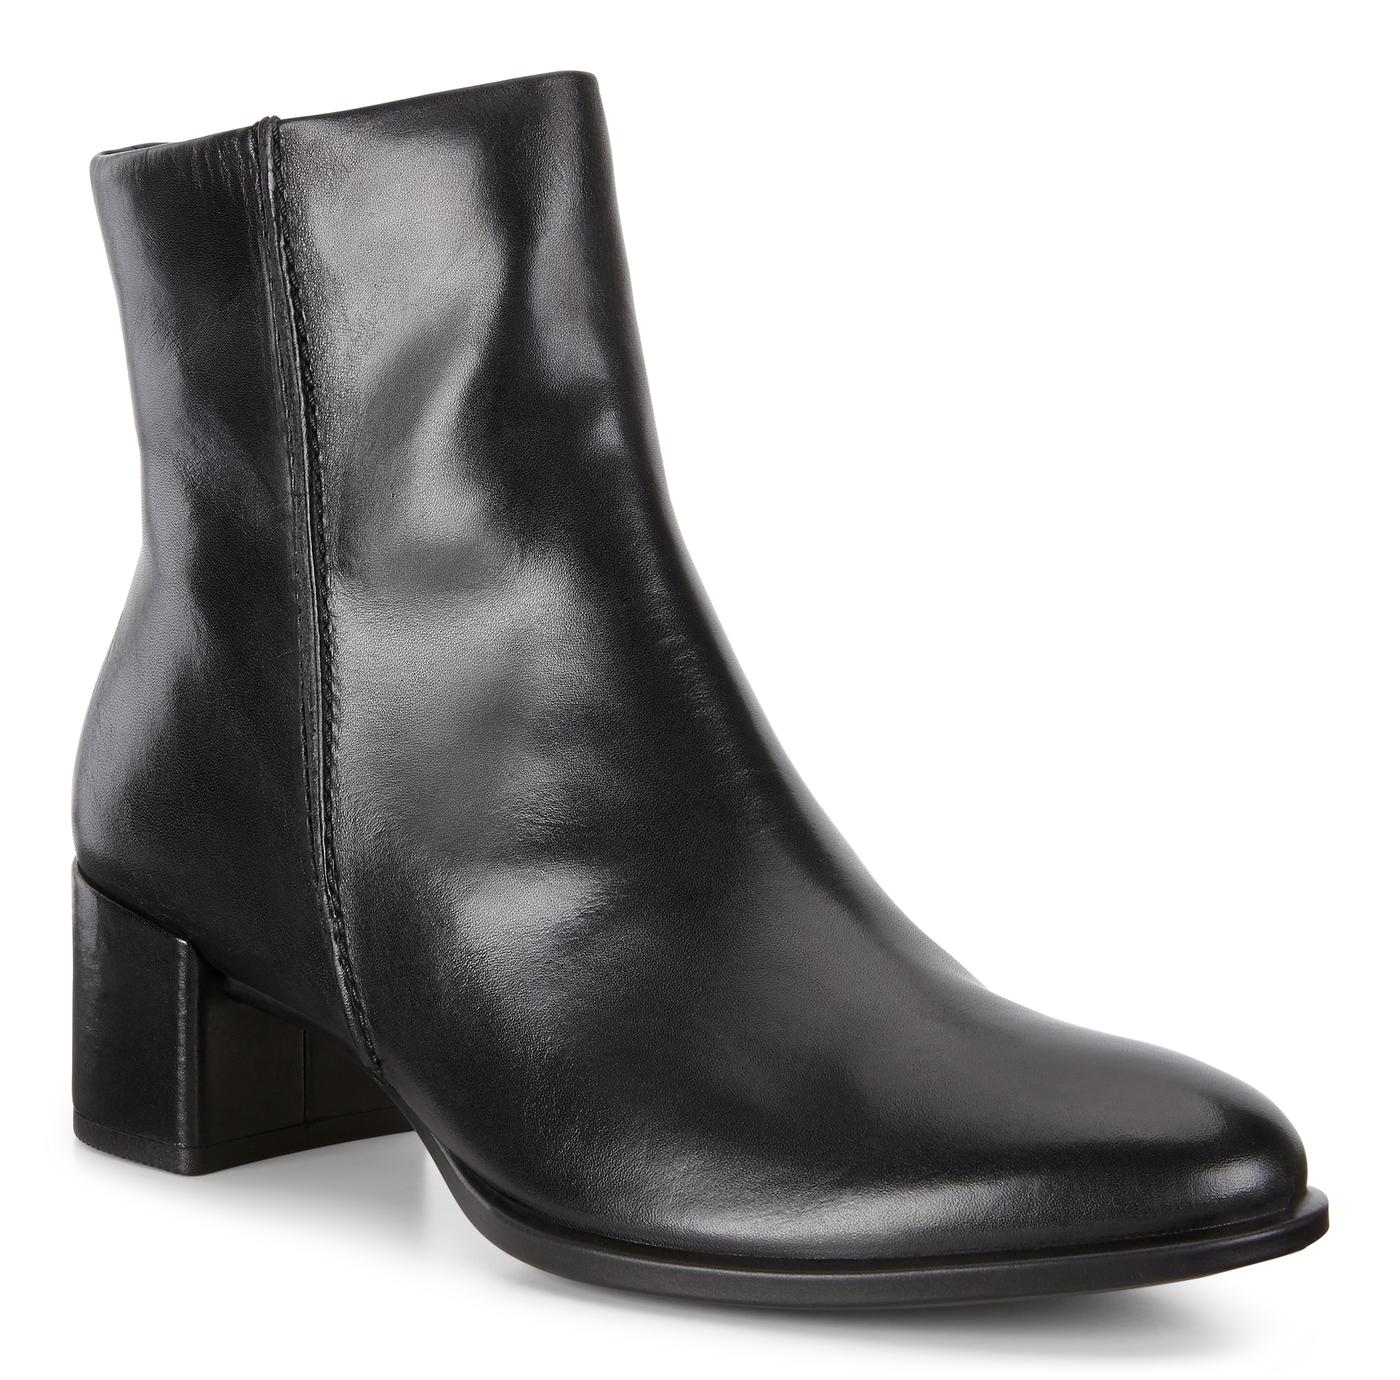 9395d4e5 ECCO Shape 35 Block Ankle | Women's Formal Boots | ECCO® Shoes